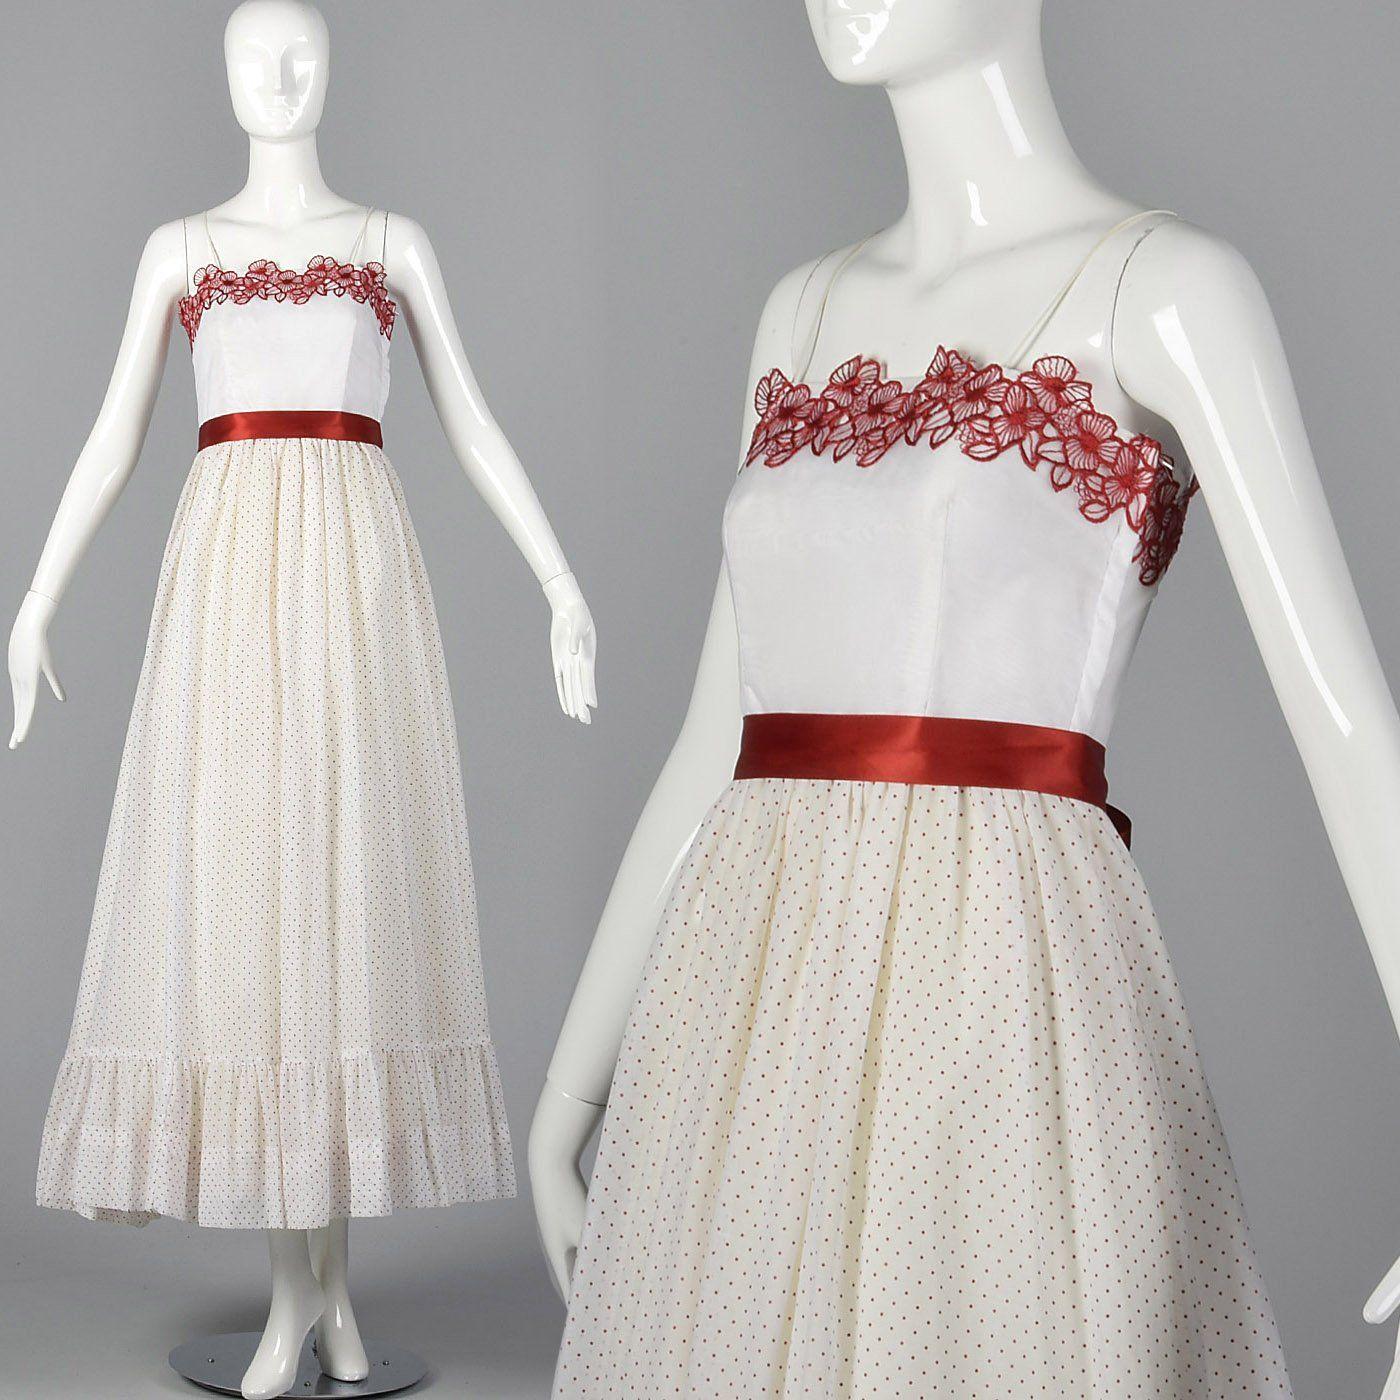 1970s Polka Dot Prom Dress Polka Dot Prom Dresses Dresses Prom Dress Styles [ 1400 x 1400 Pixel ]